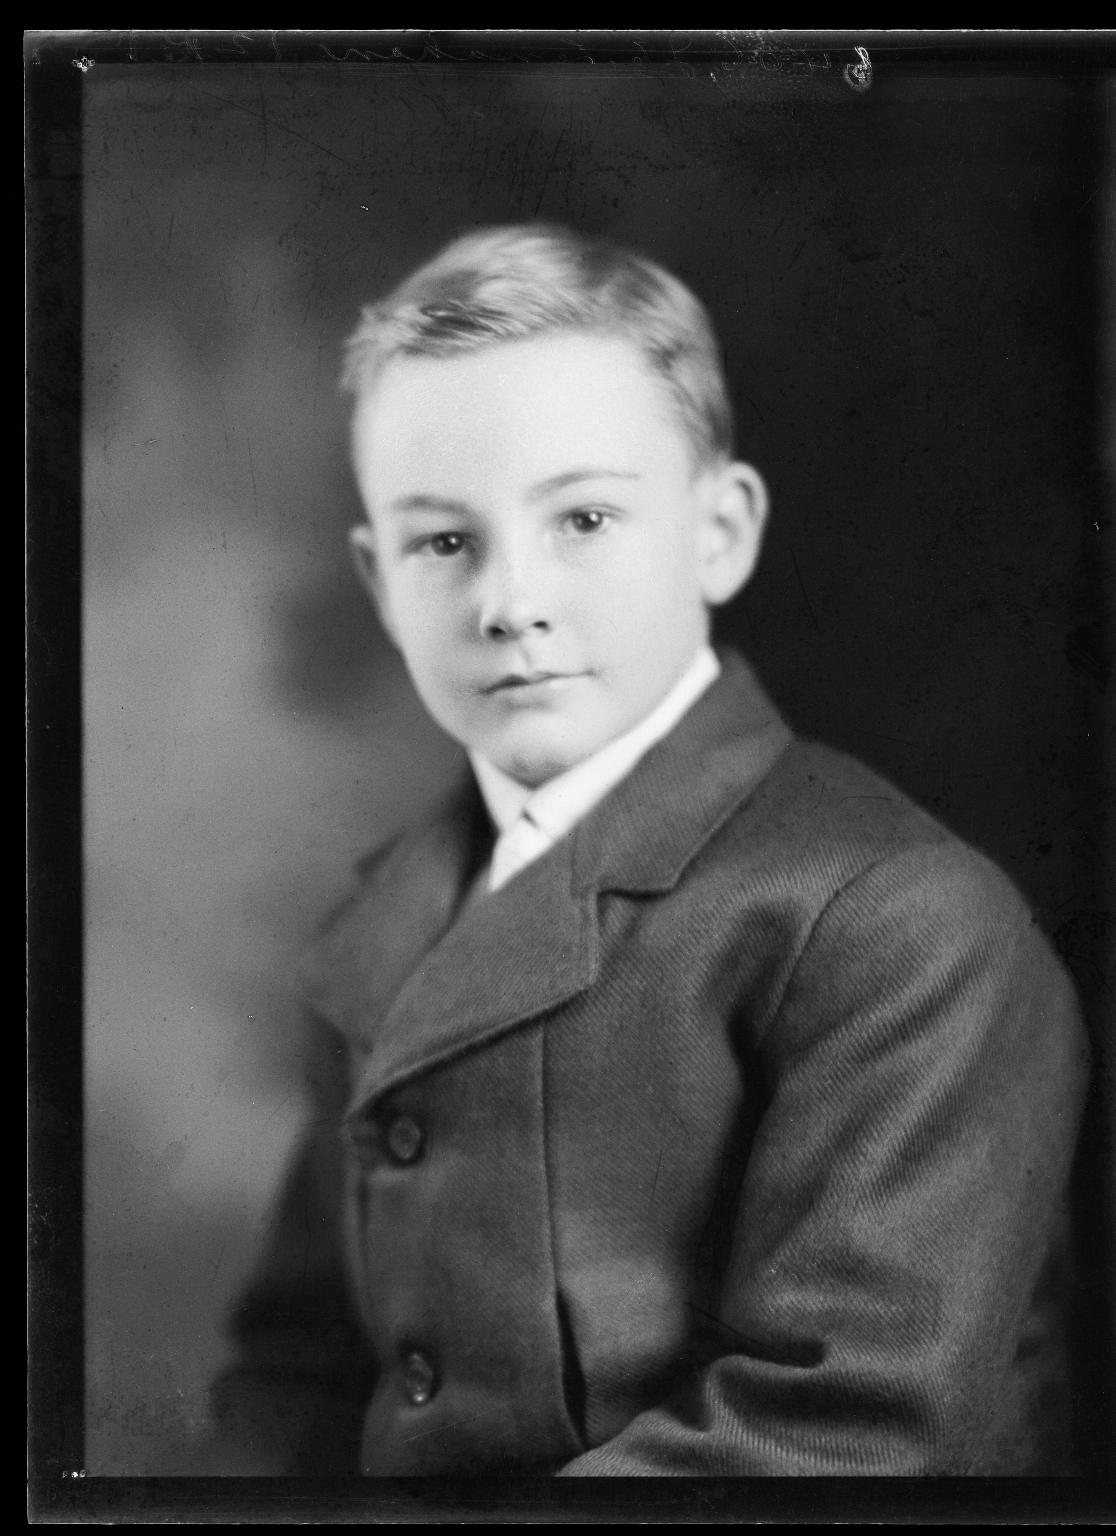 Portraits of J. E. Lenahan